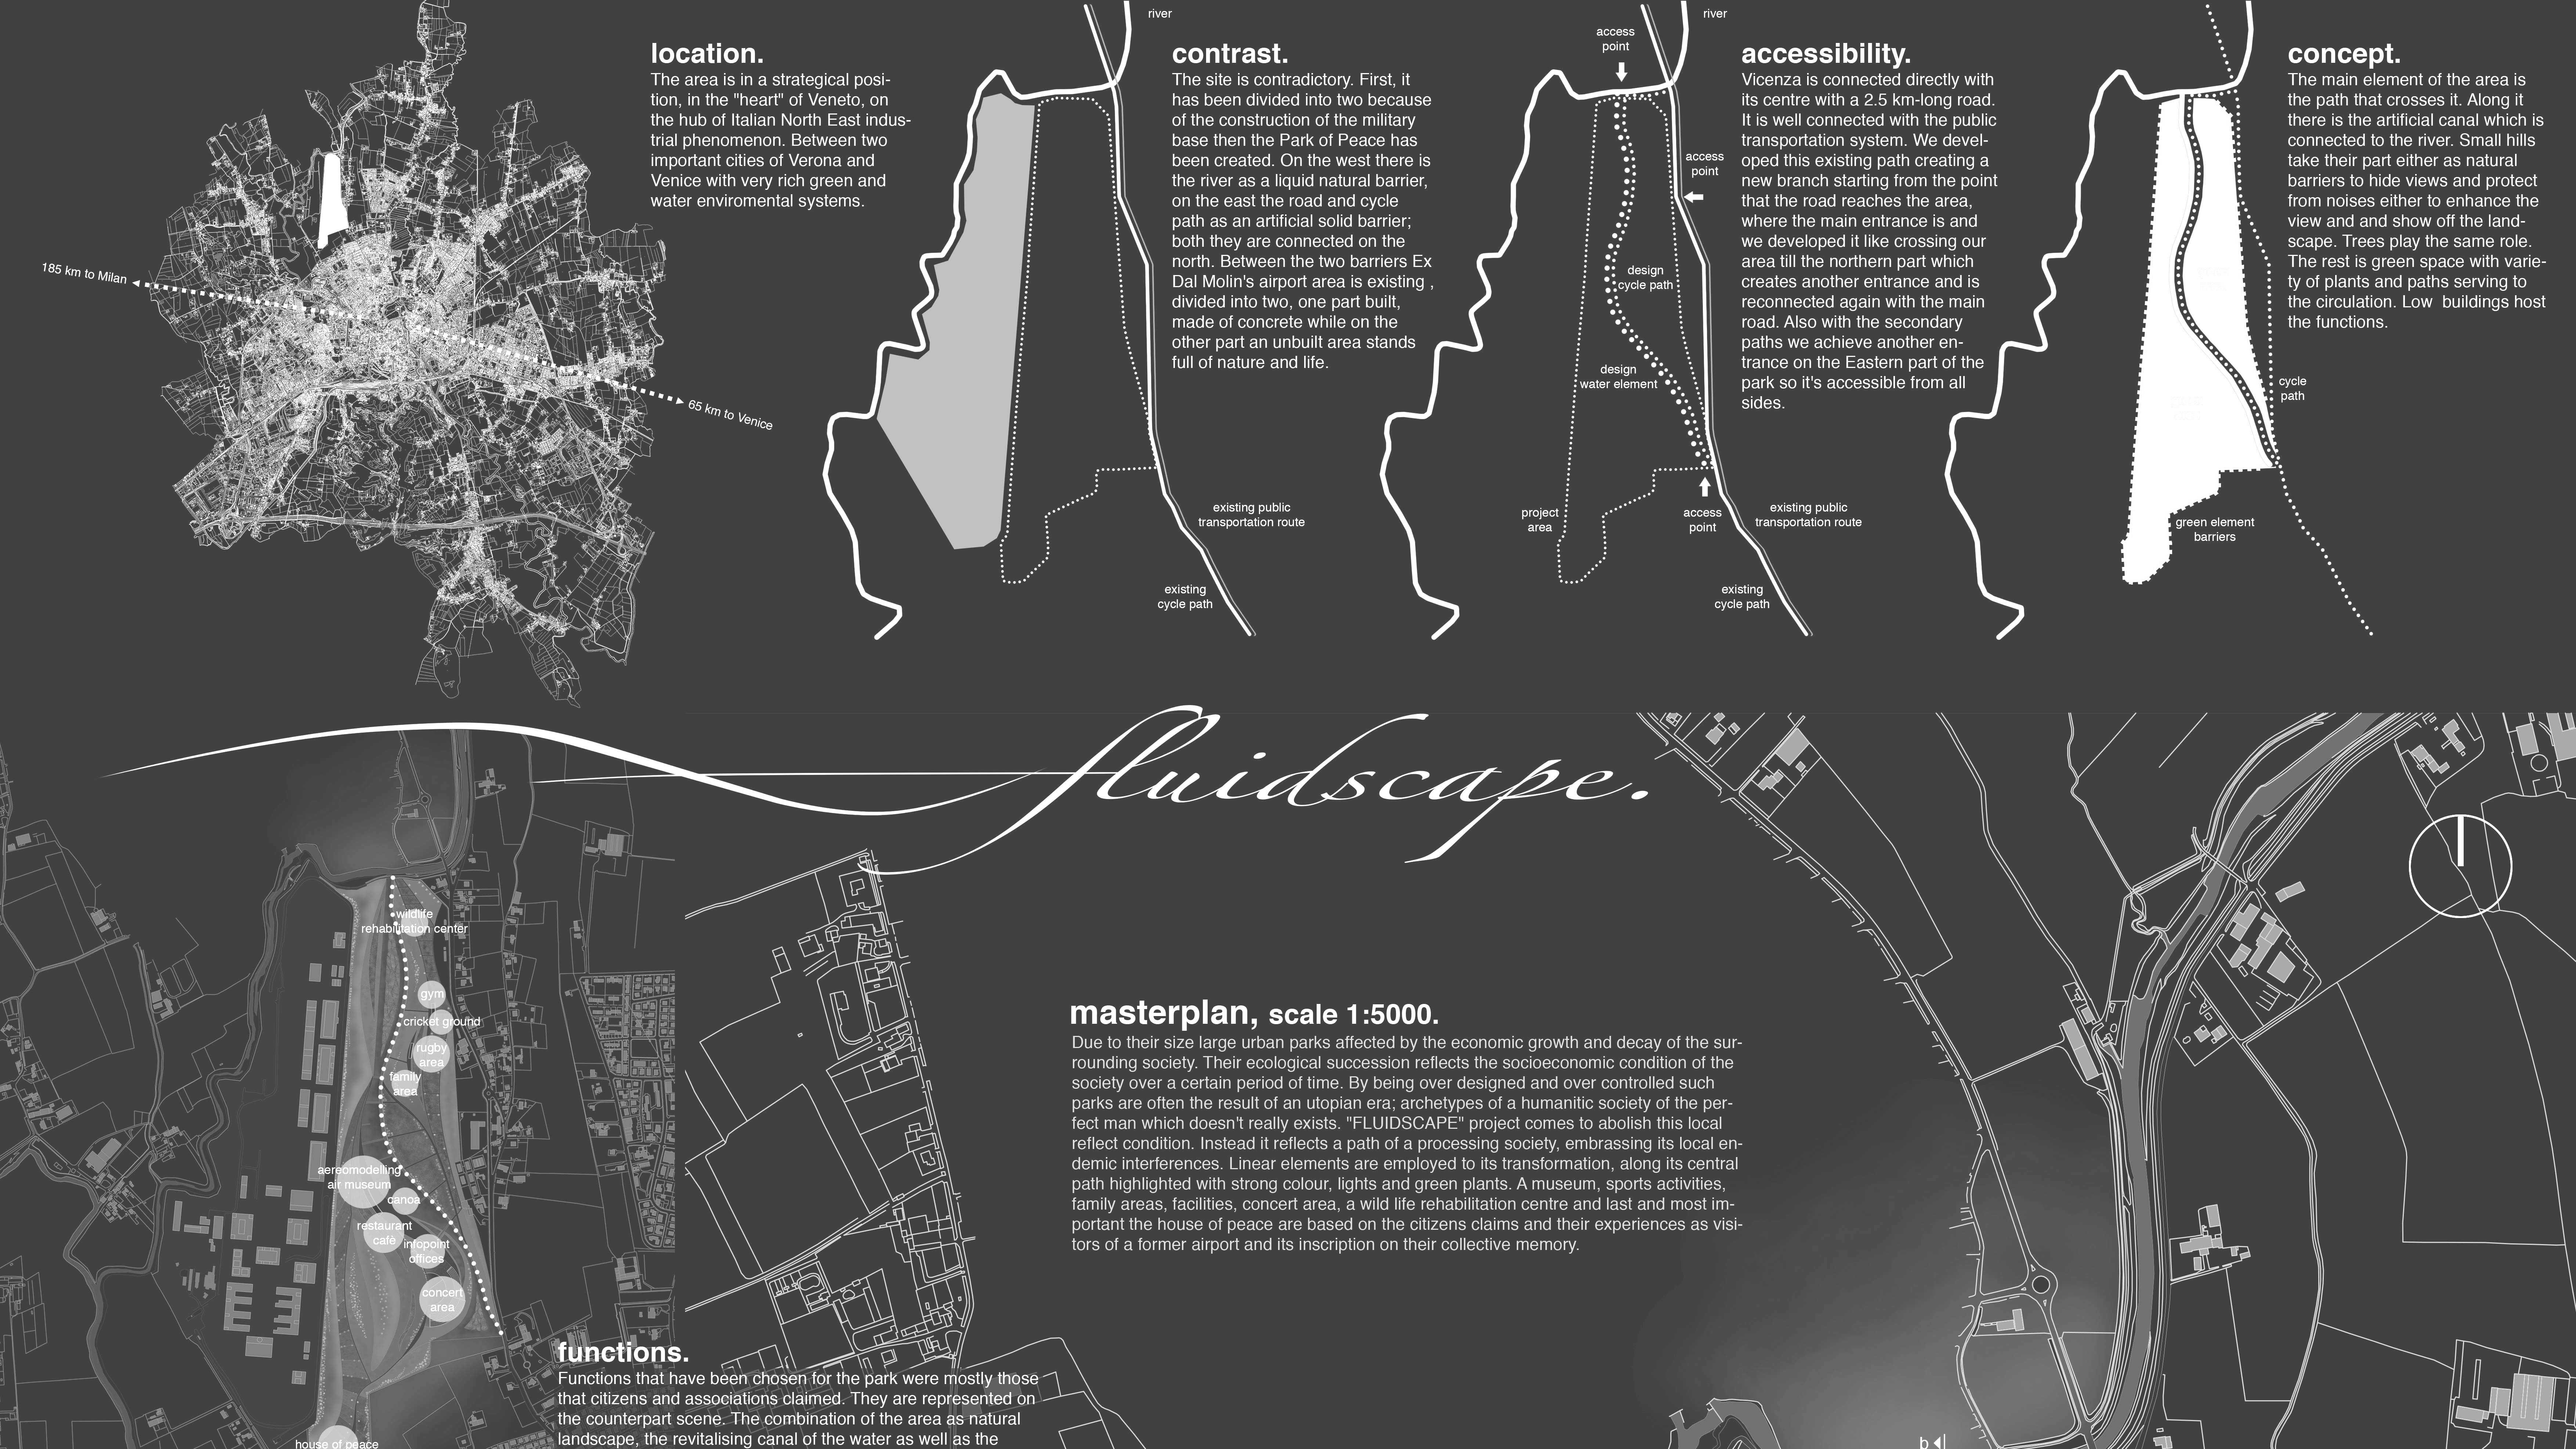 archicostudio_fluidscape_featured-grey